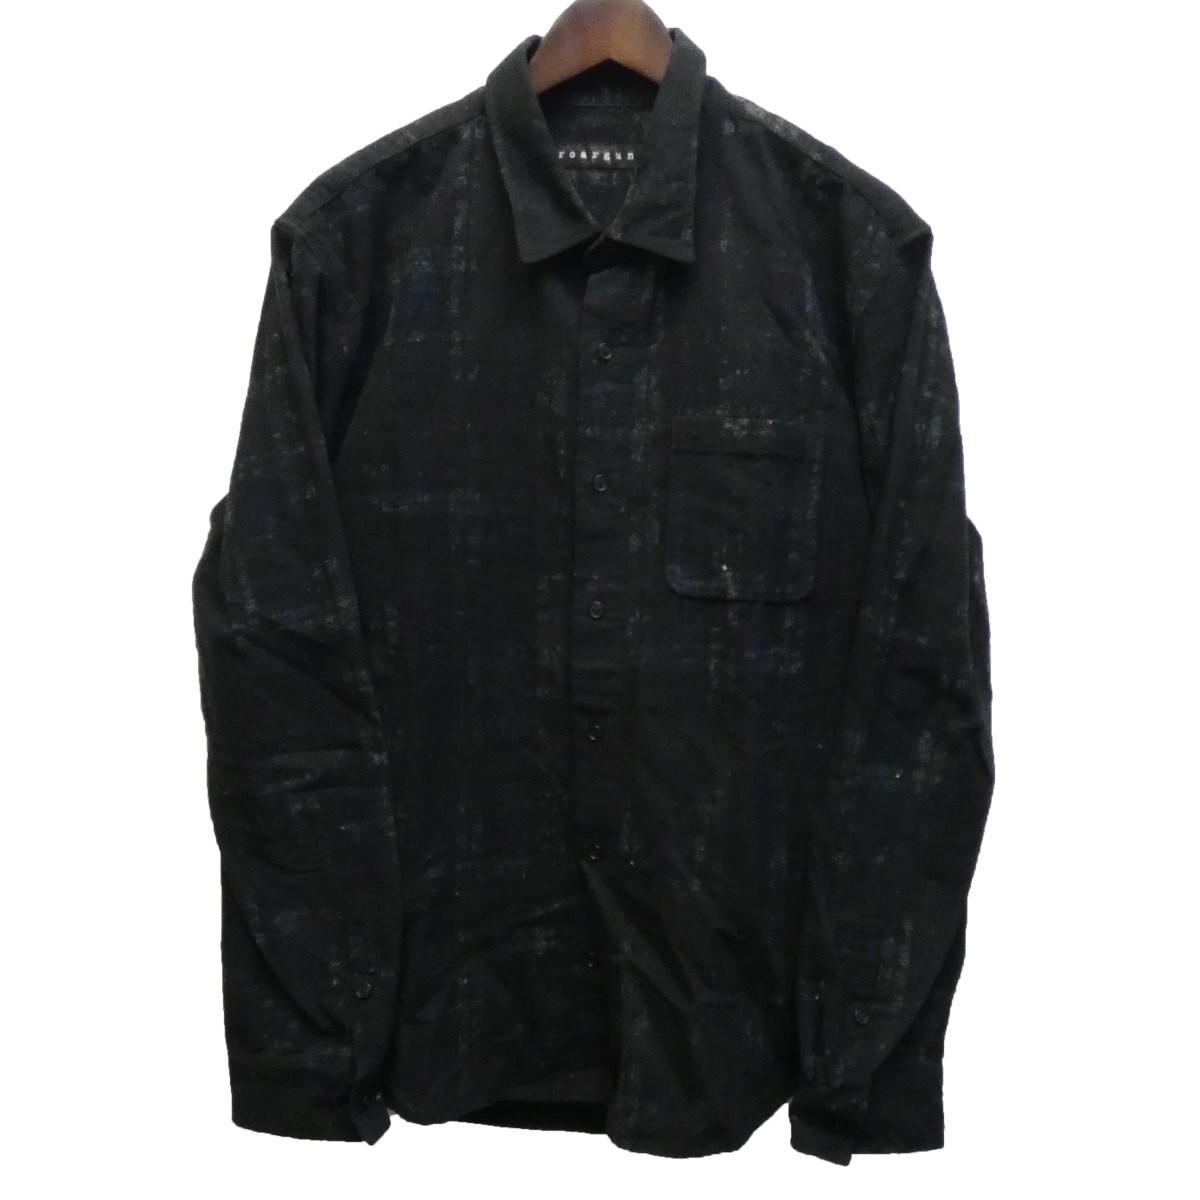 【中古】roar 19AW バックスワロチェックシャツ ブラック サイズ:4 【010320】(ロアー)